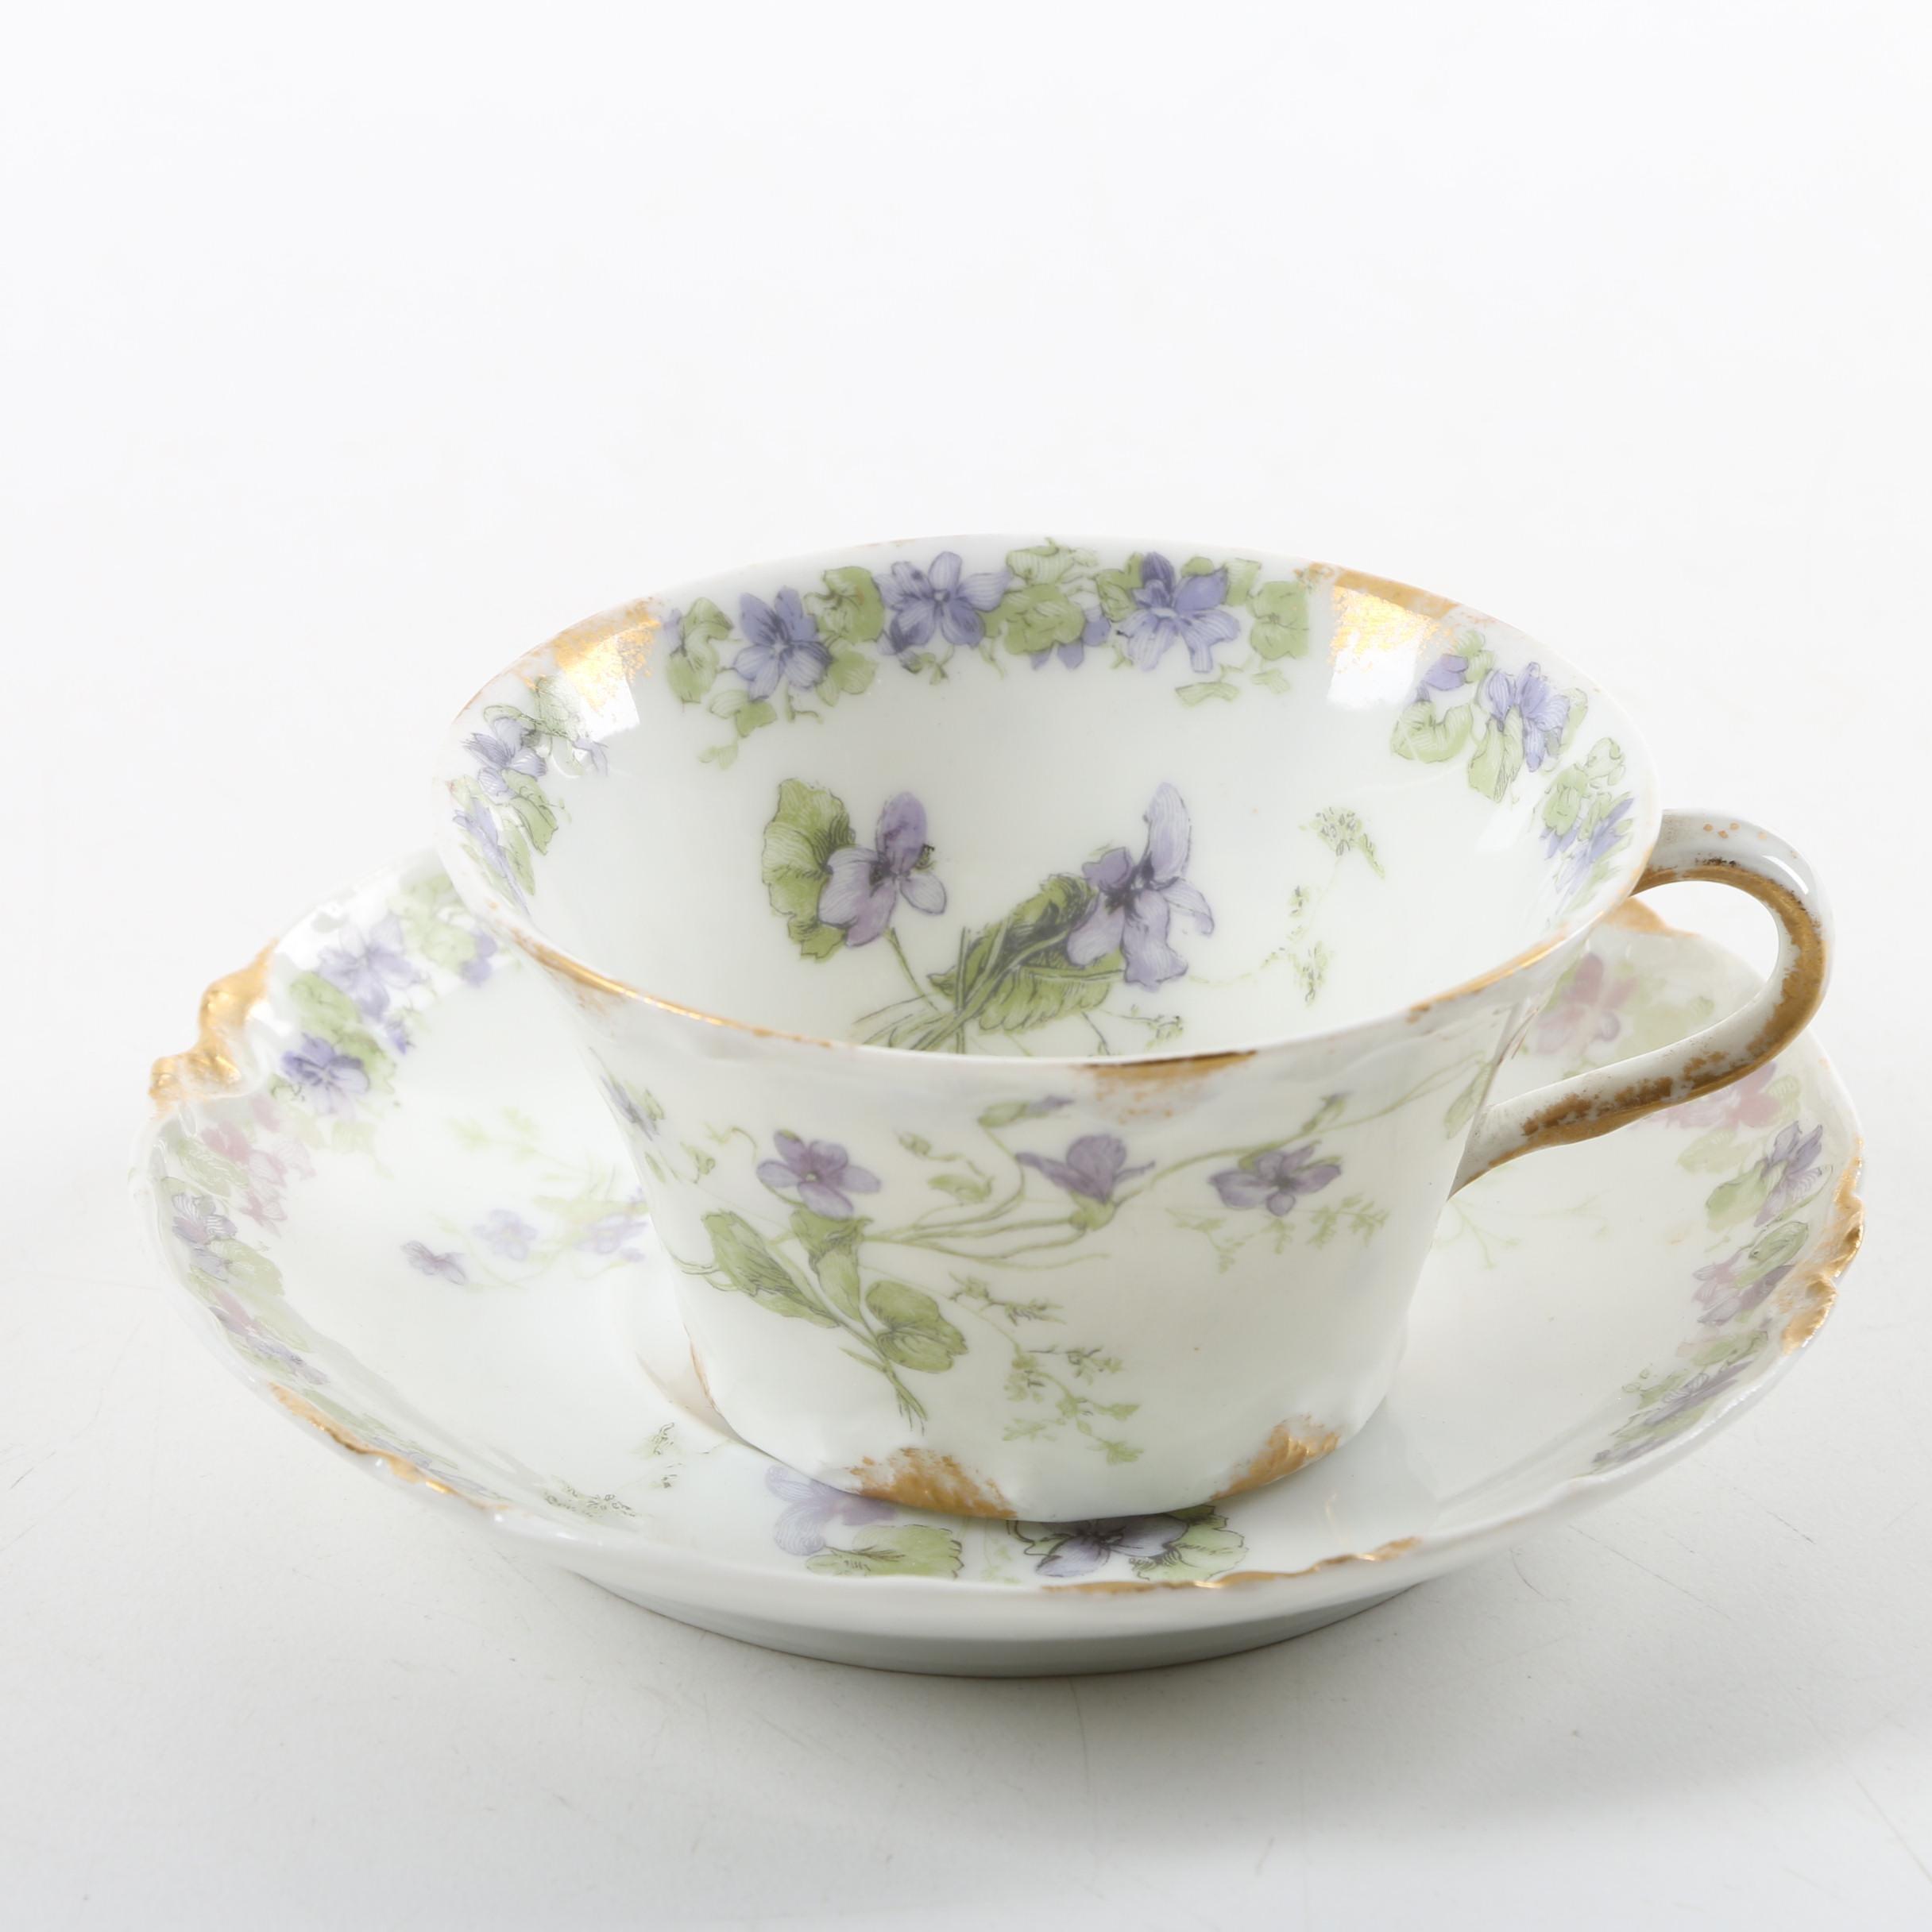 Antique Haviland & Co Limoges Porcelain Teacup and Saucer ca. 1893-96